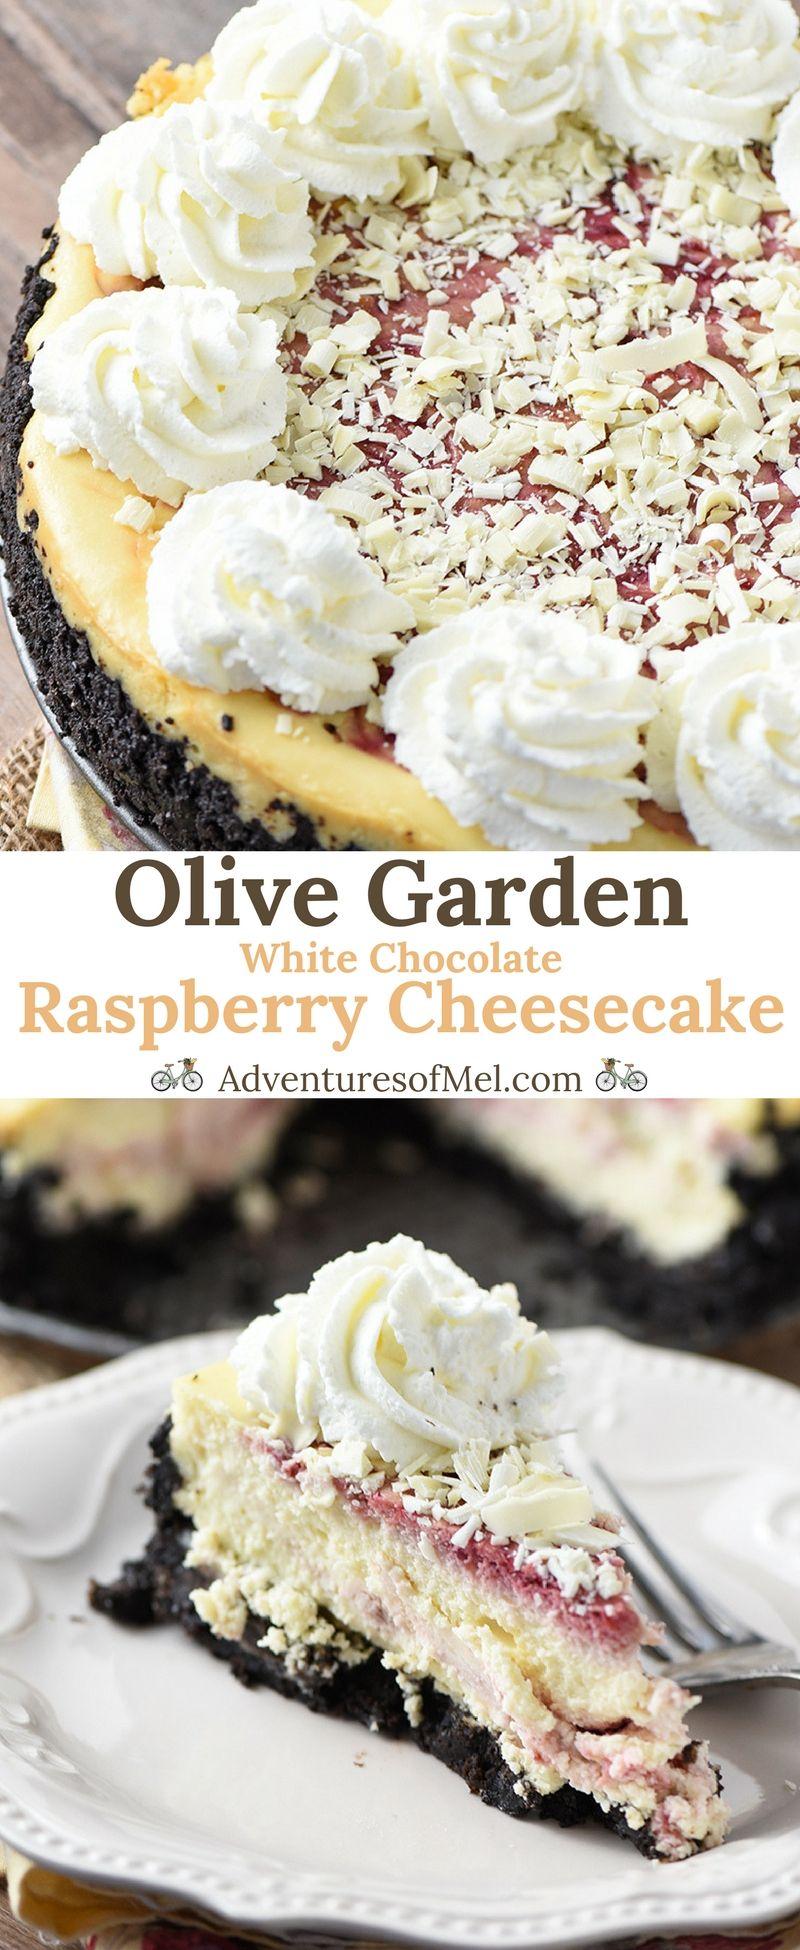 Olive Garden White Chocolate Raspberry Cheesecake Is Hands Down My Favorite Restaurant Dessert